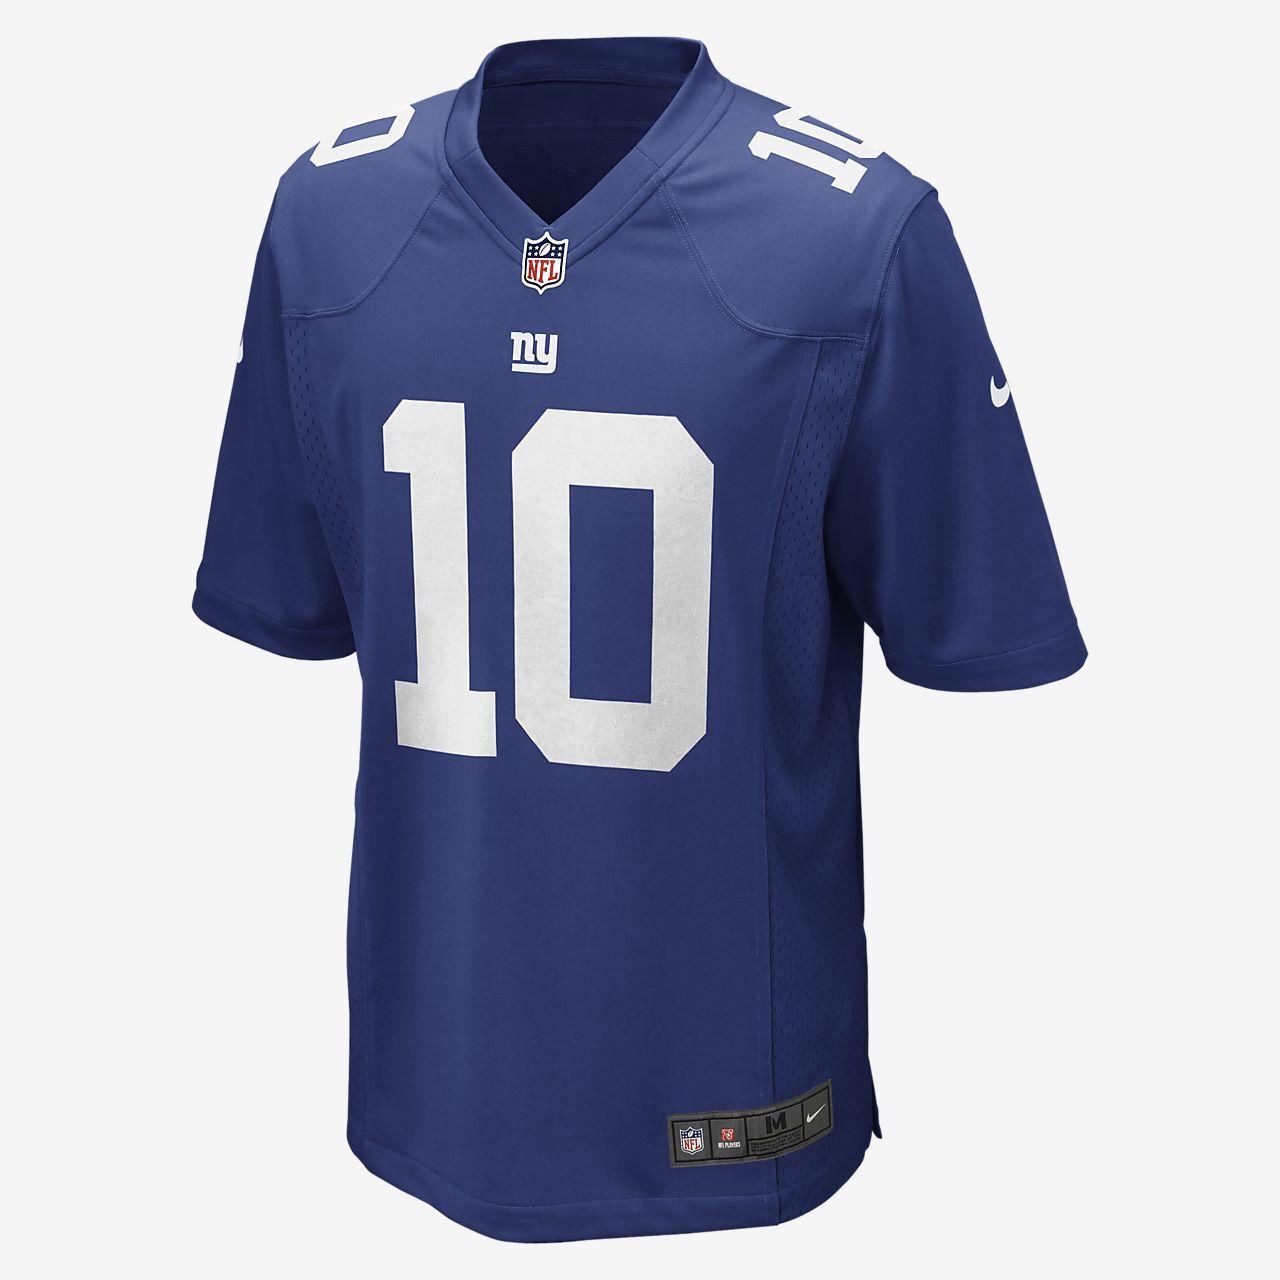 Pánský fotbalový dres pro domácí zápasy NFL New York Giants (Eli Manning)